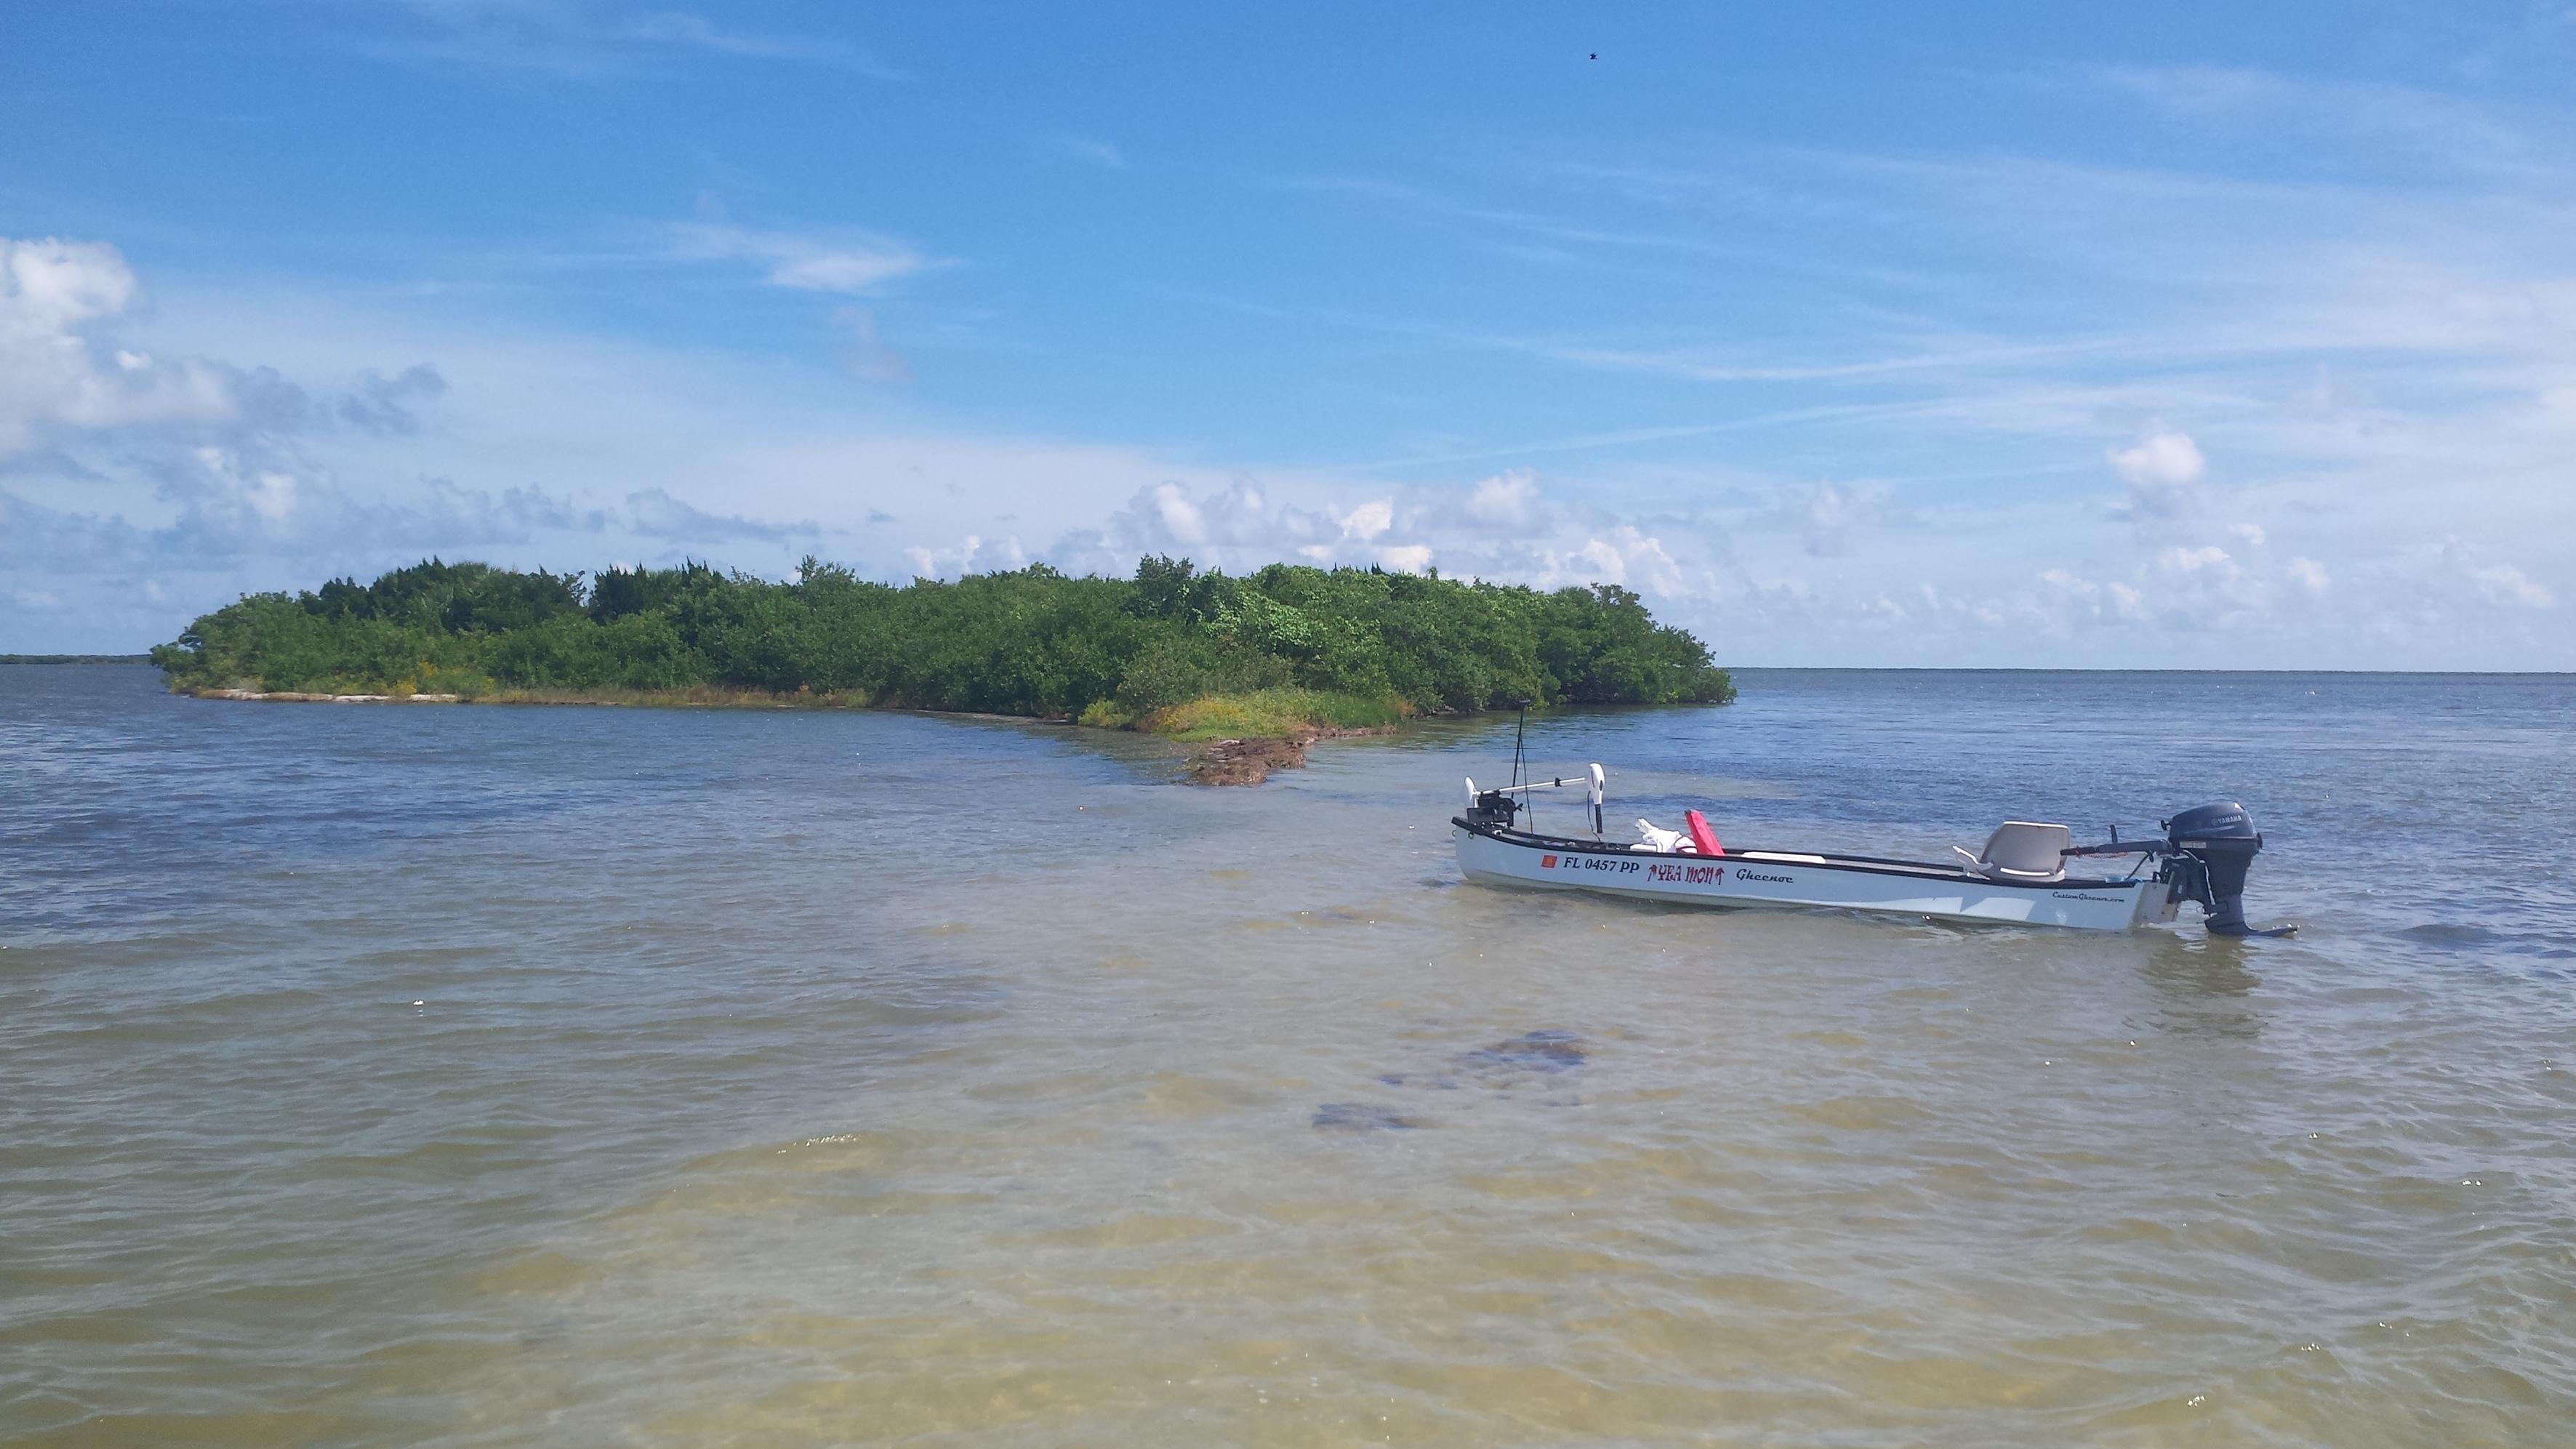 gheenoe in shallow water mosquito lagoon